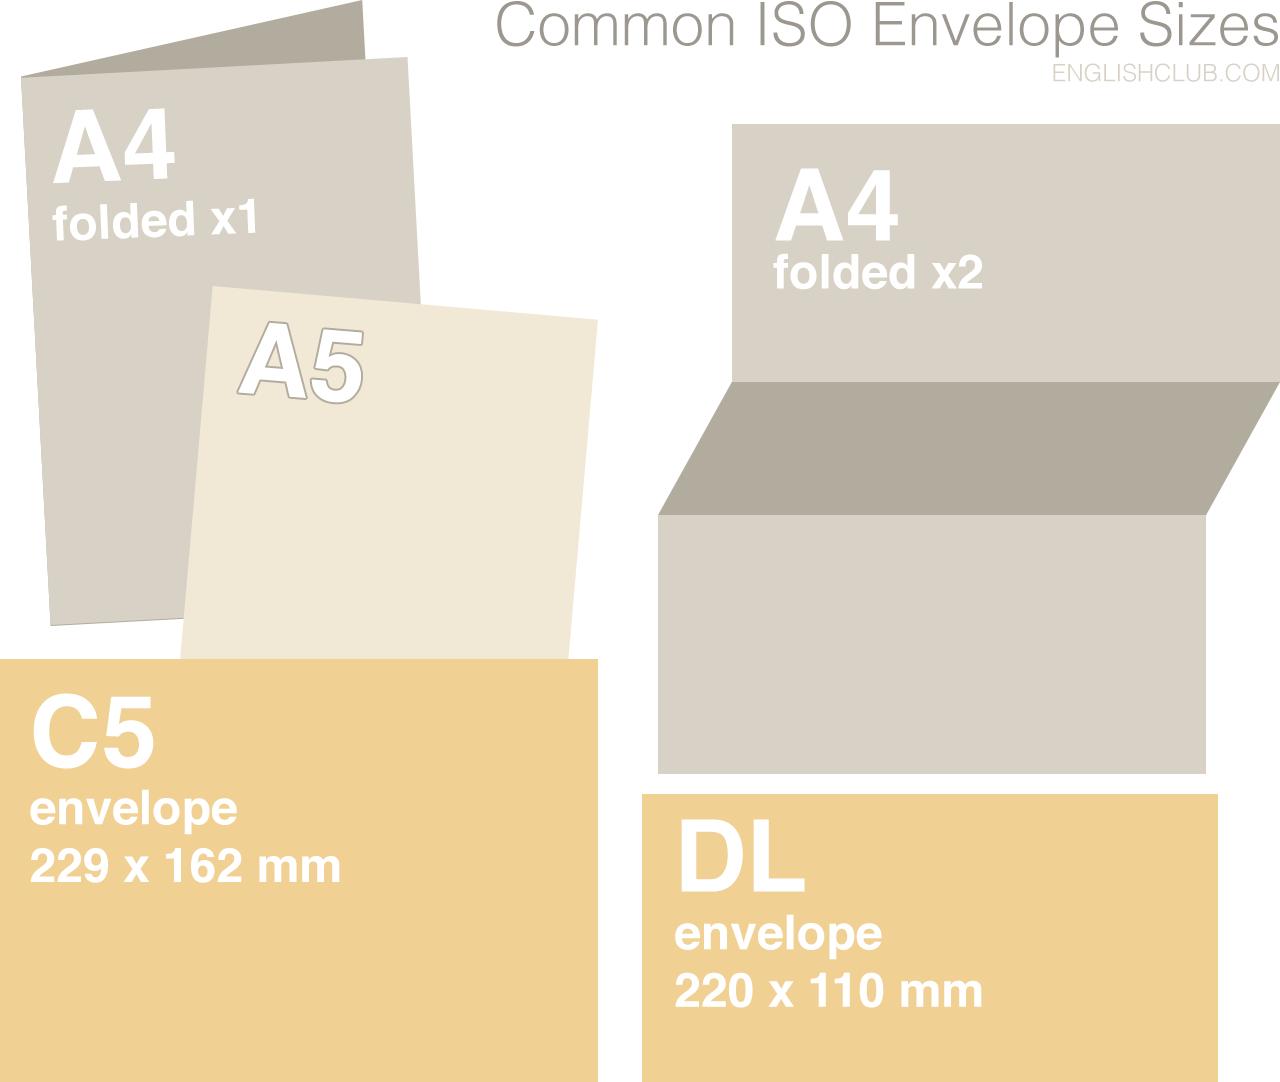 iso-envelope-1280